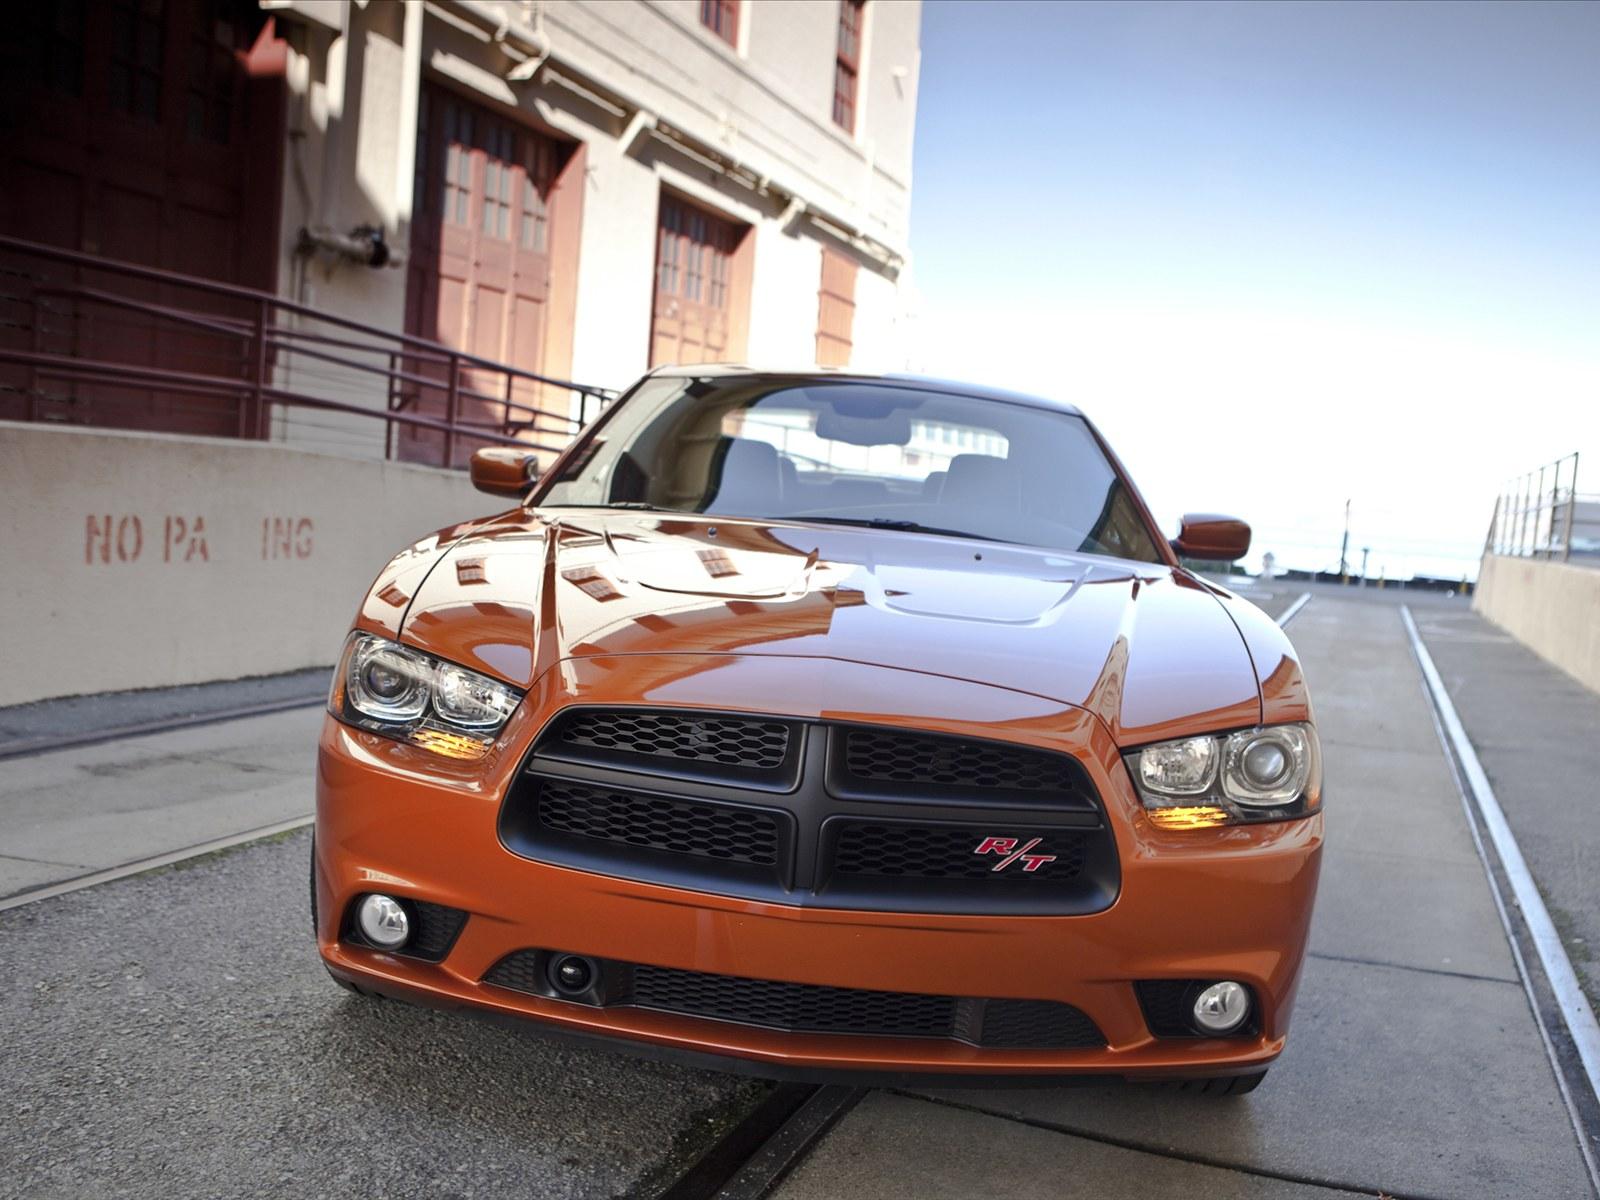 http://4.bp.blogspot.com/-BI7FaqGXj88/TYrc_RF68nI/AAAAAAAAAG4/1vo9dQuQTnI/s1600/Dodge-Charger-RT-AWD-2012-05.jpg